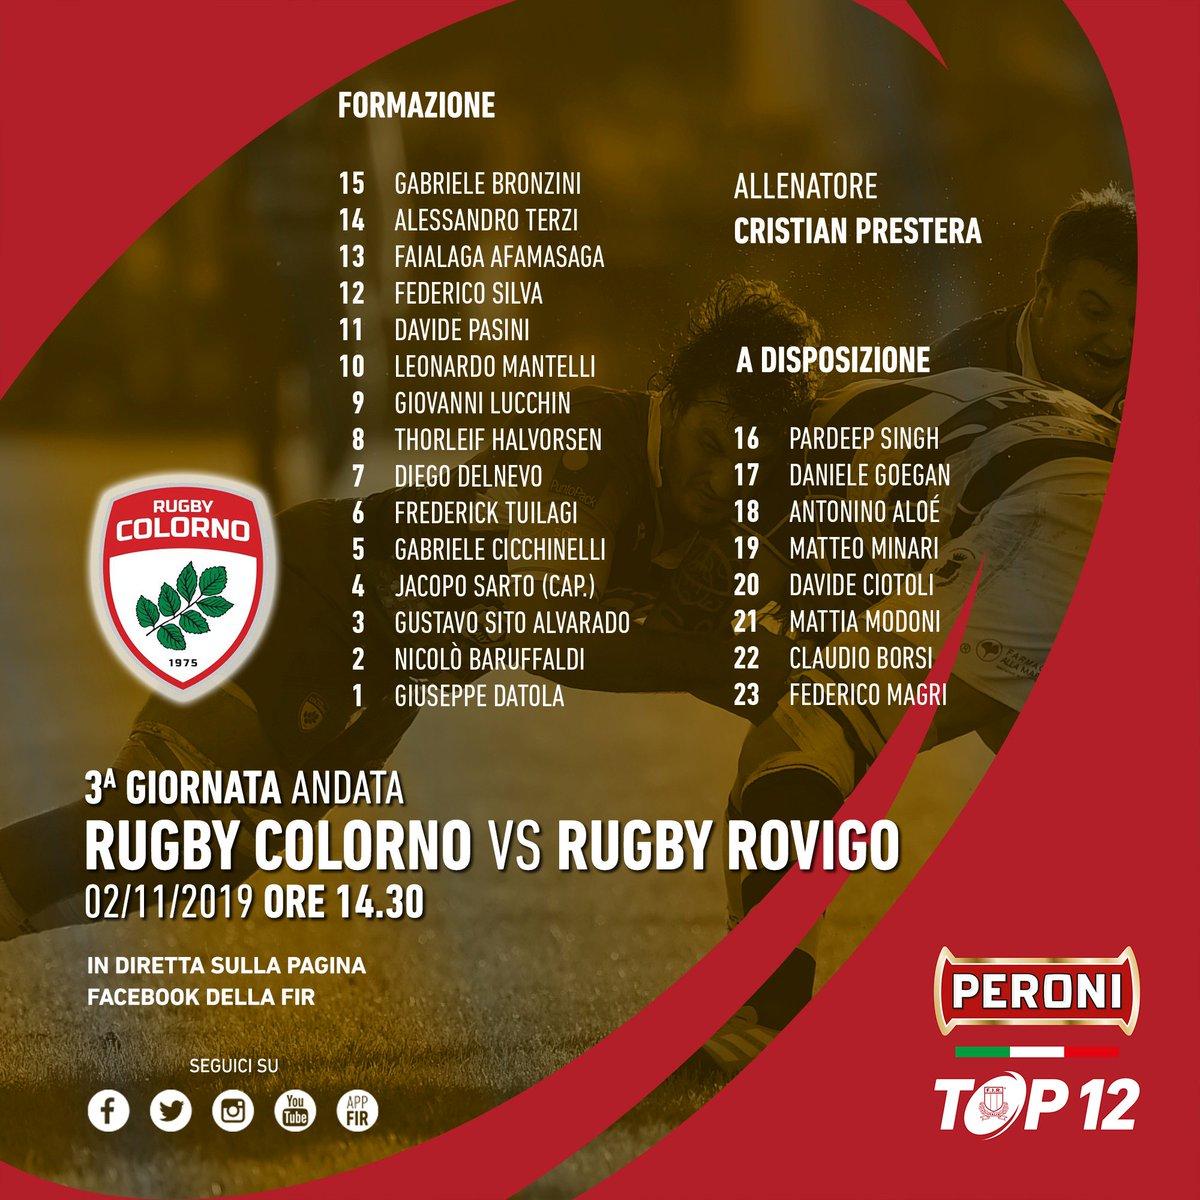 🔴 #PeroniTOP12, il XV del @RugbyColorno per la sfida con il @RugbyRovigoDelt ➡ tinyurl.com/yy87nyb2 #rugbypassioneitaliana